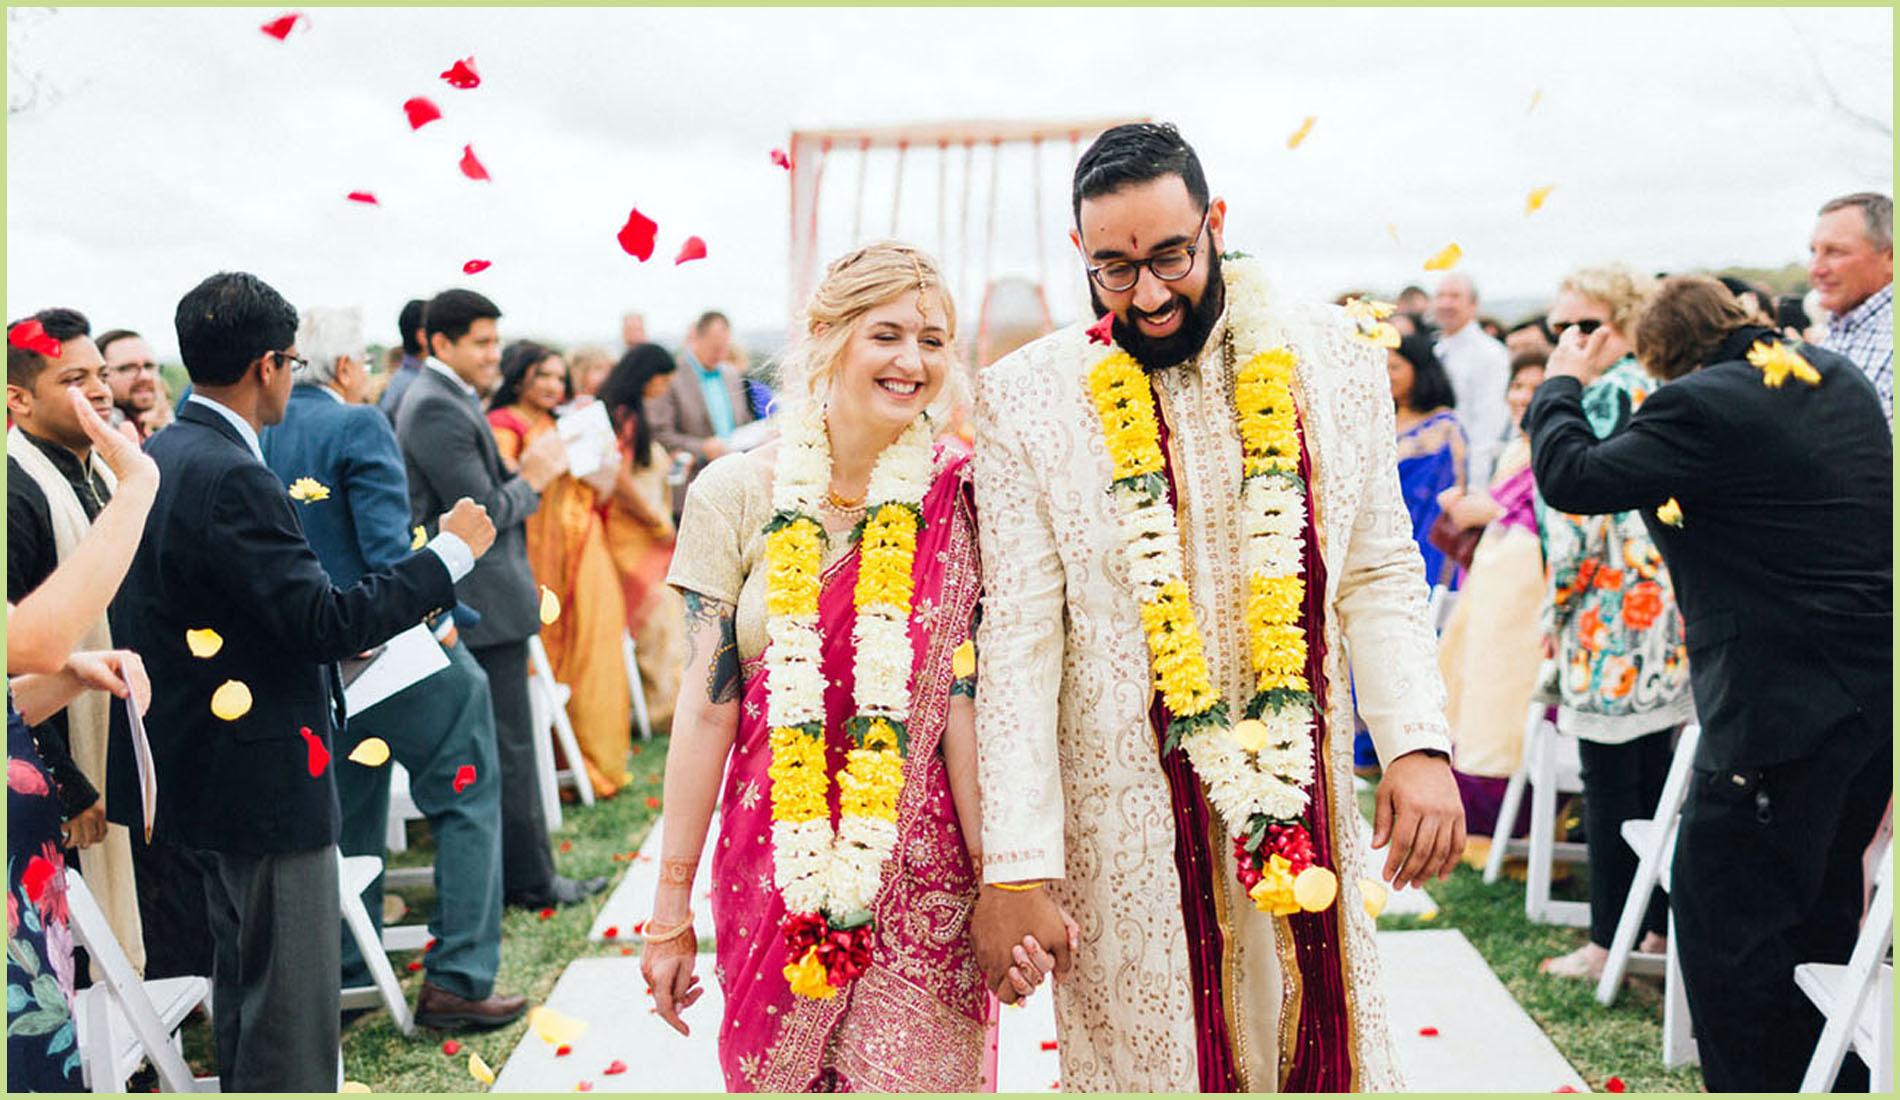 Cultural Wedding Ceremonies